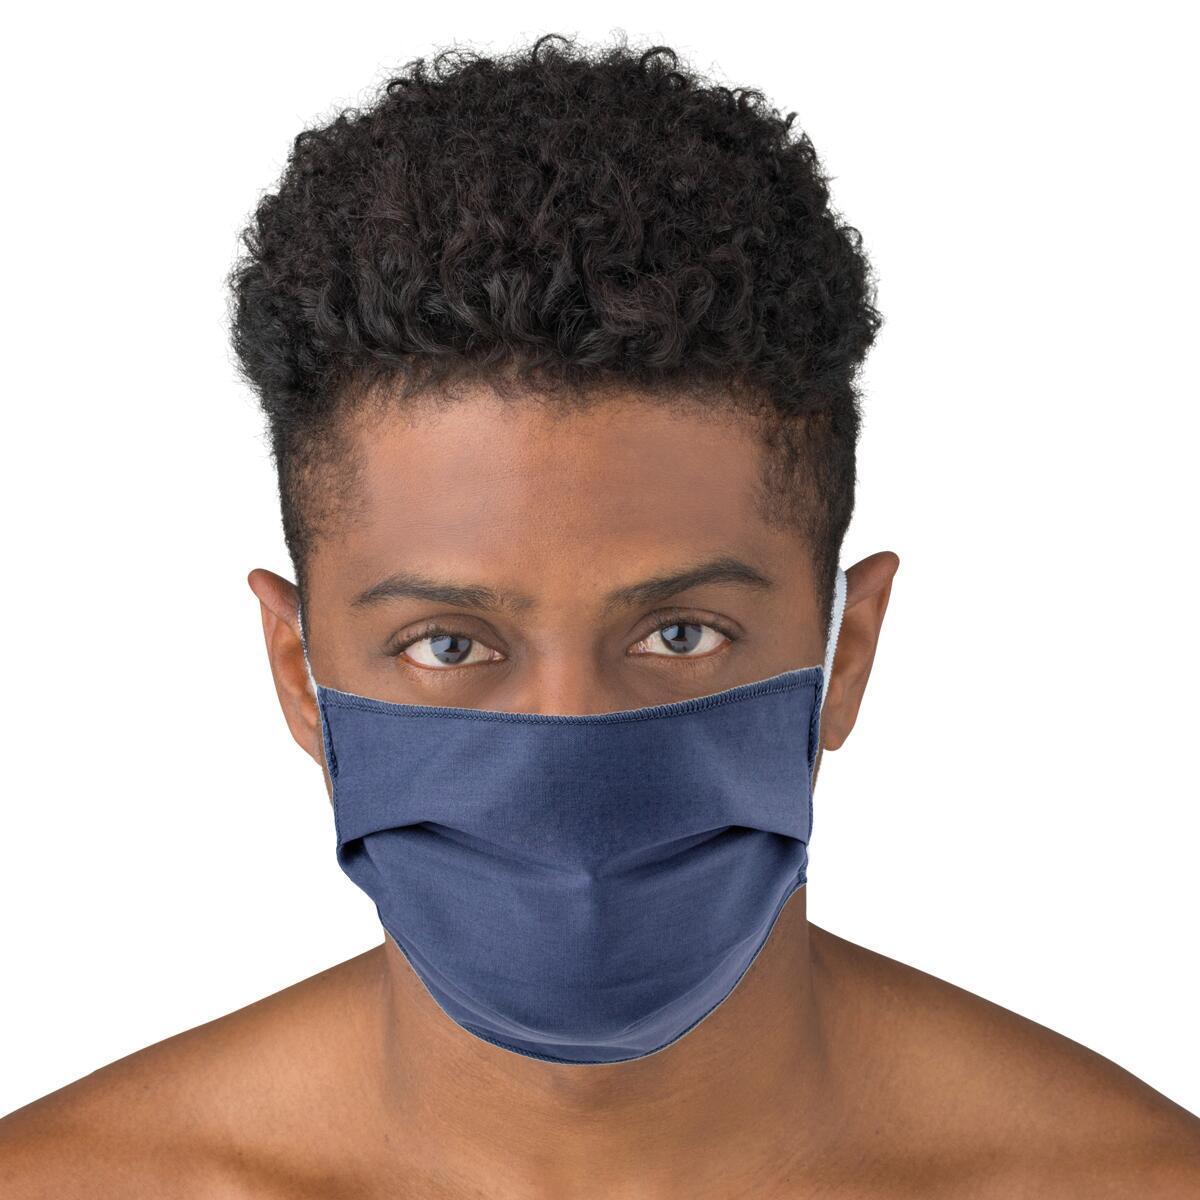 Maschera in tessuto lavabile per utilizzo non sanitario Trendy 2 pezzi - 2